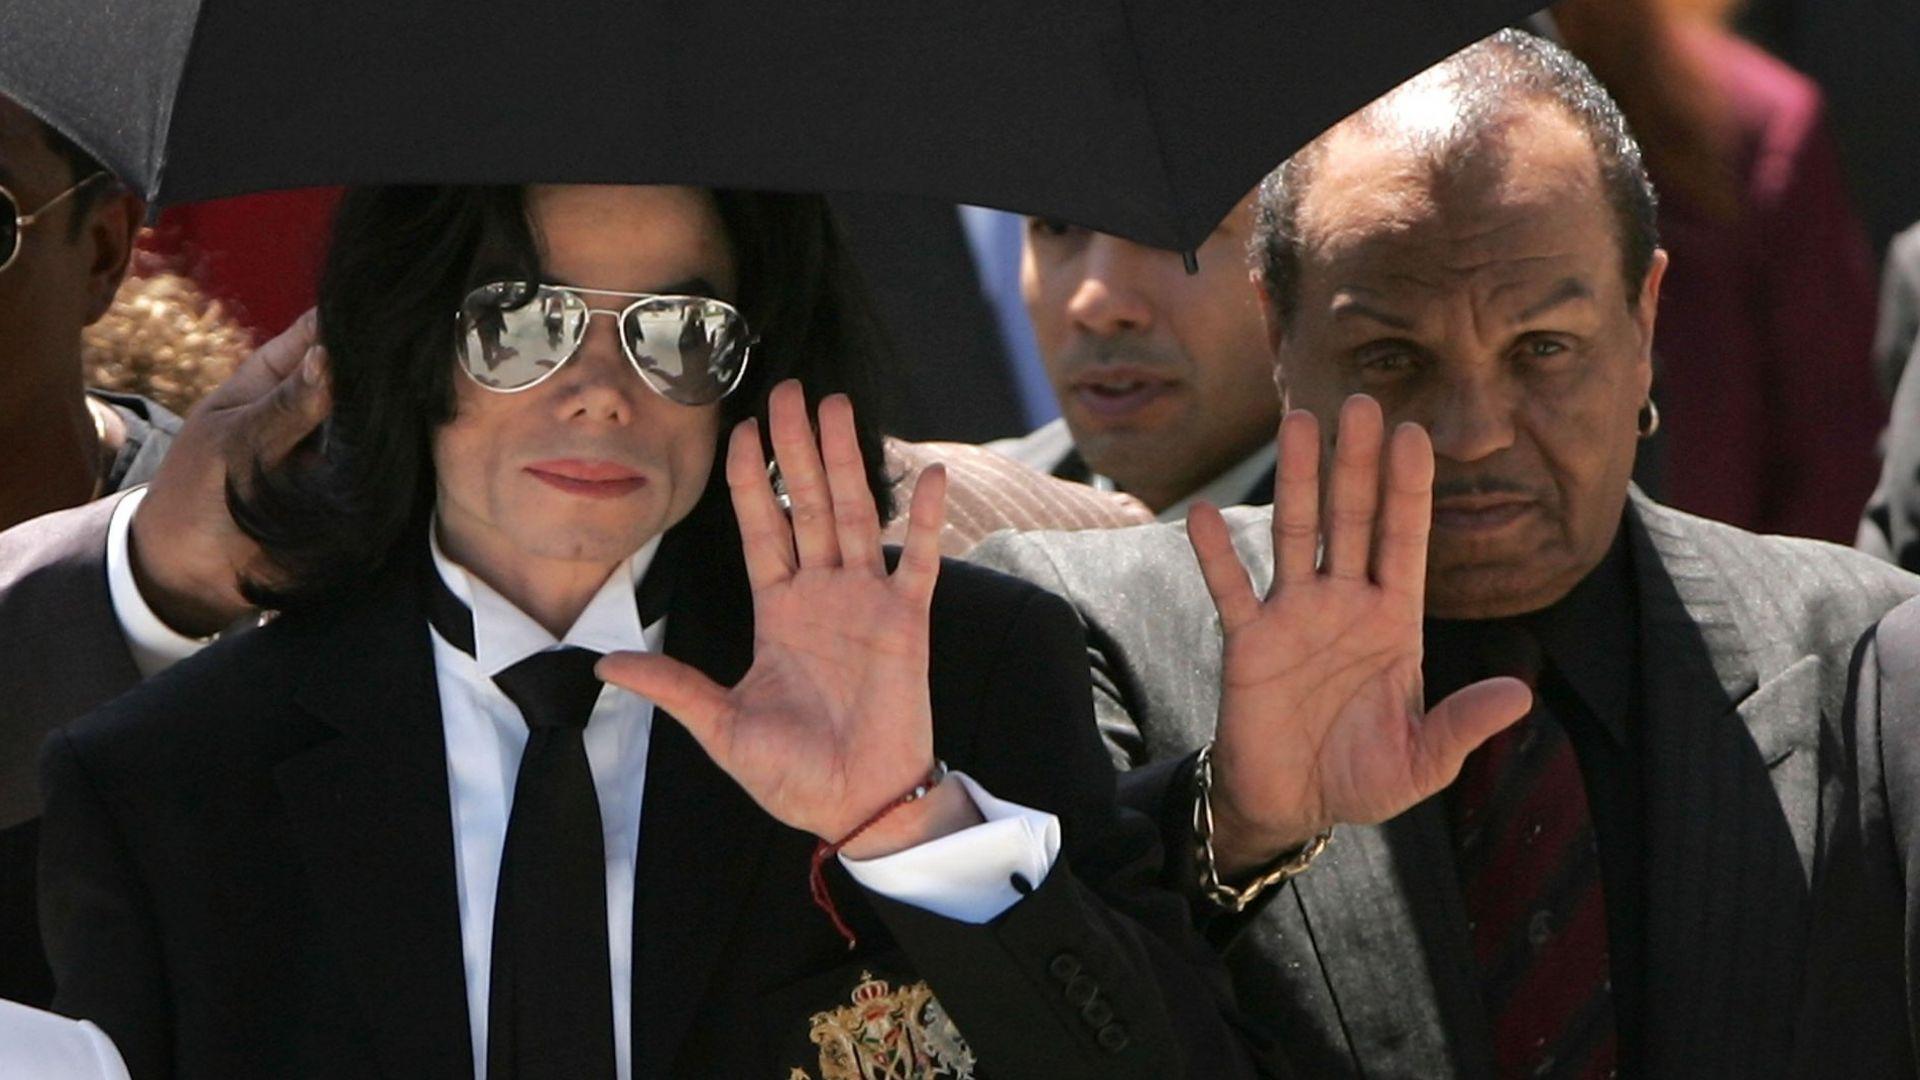 Майкъл и Джо Джексън по време на процеса през 2005 г.